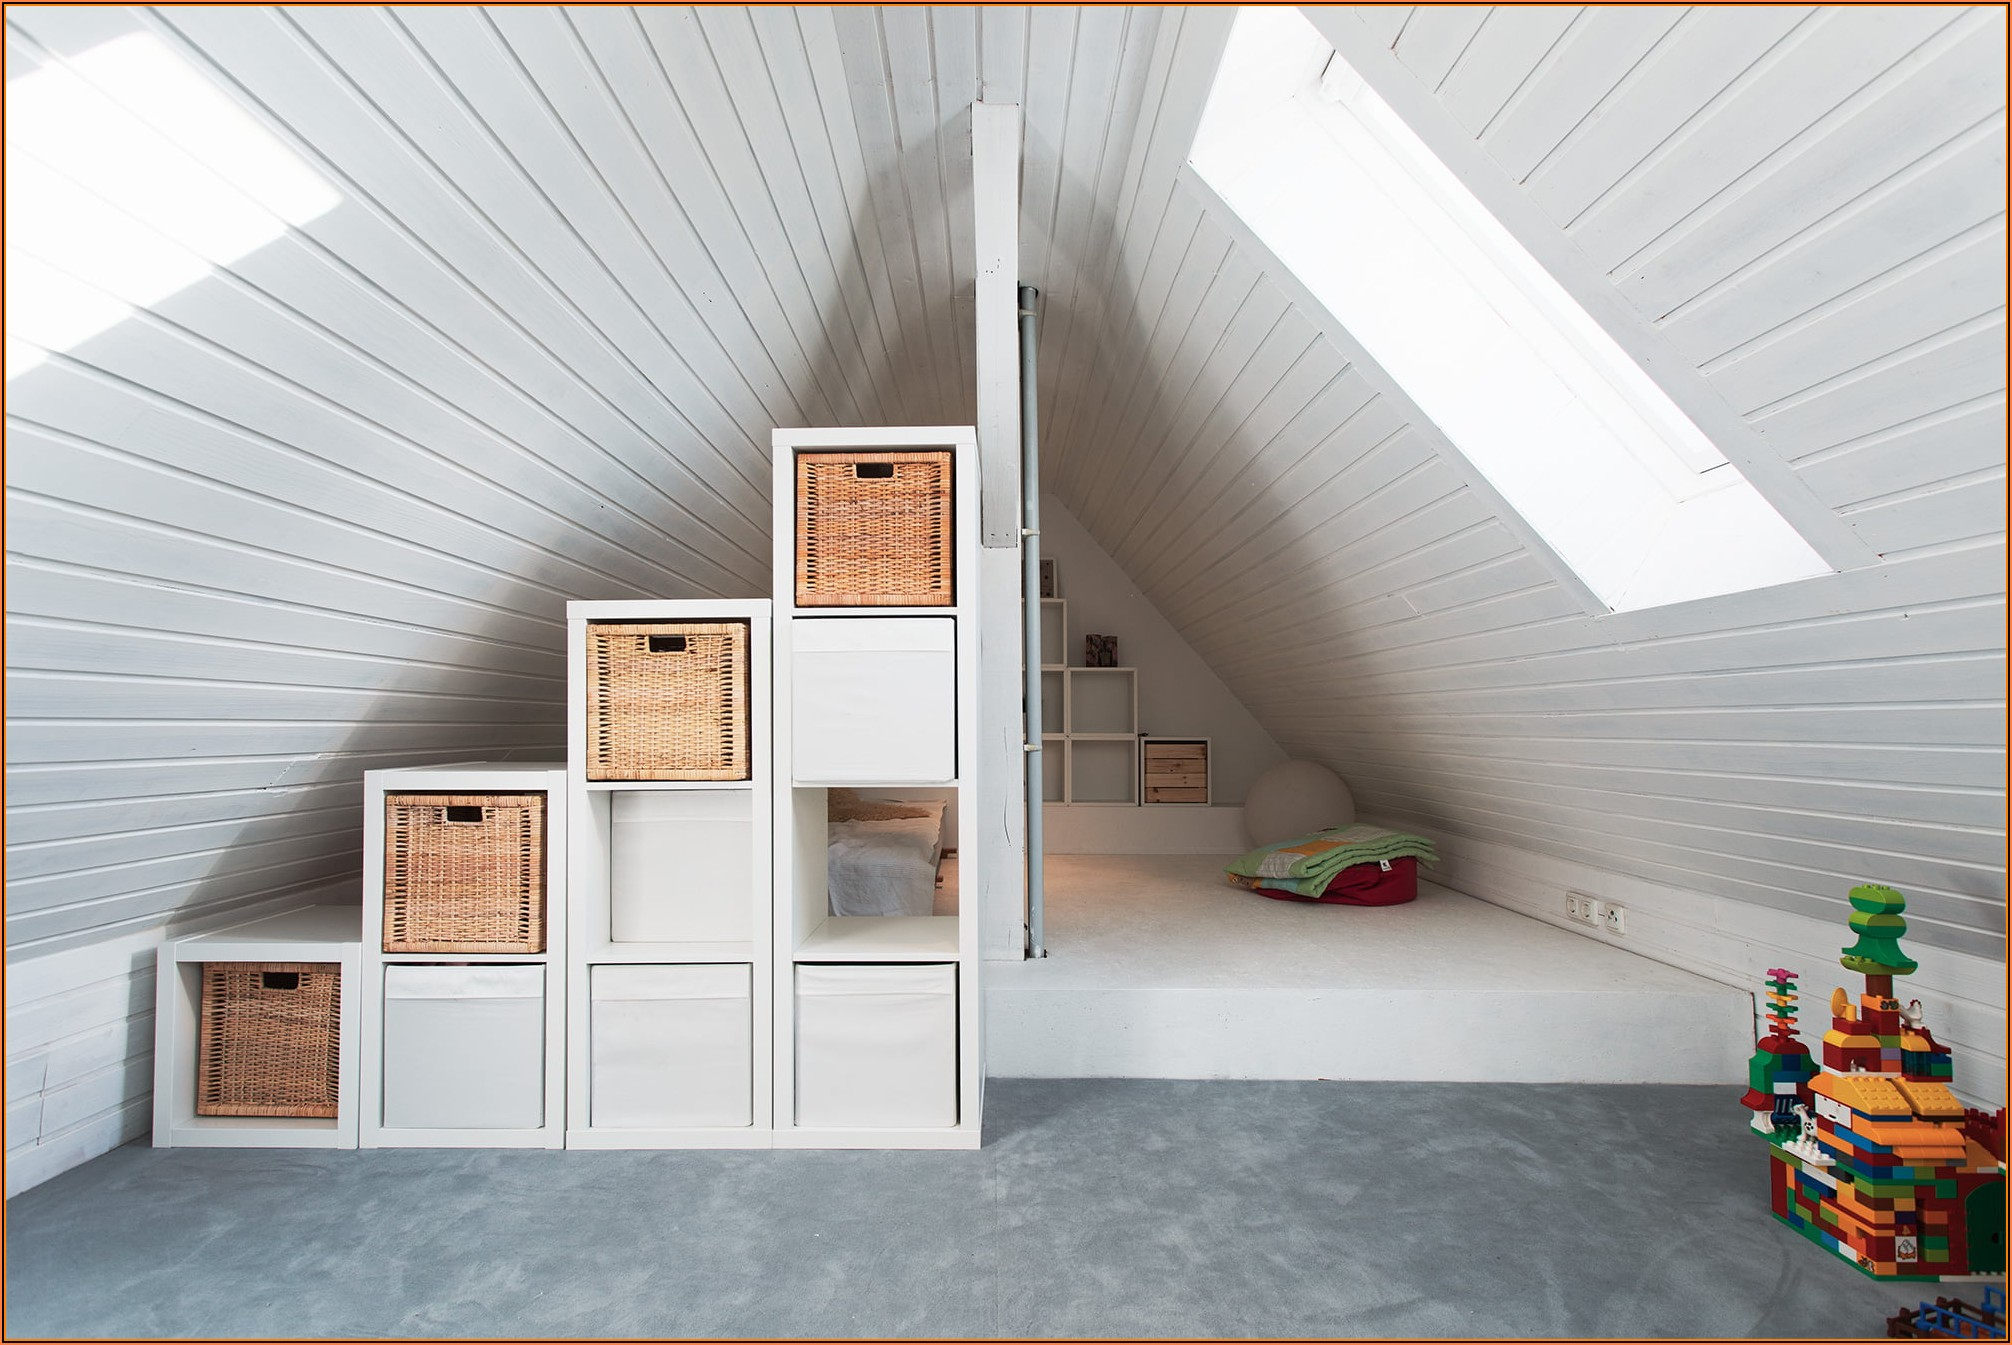 Dachboden Kinderzimmer Ausbauen